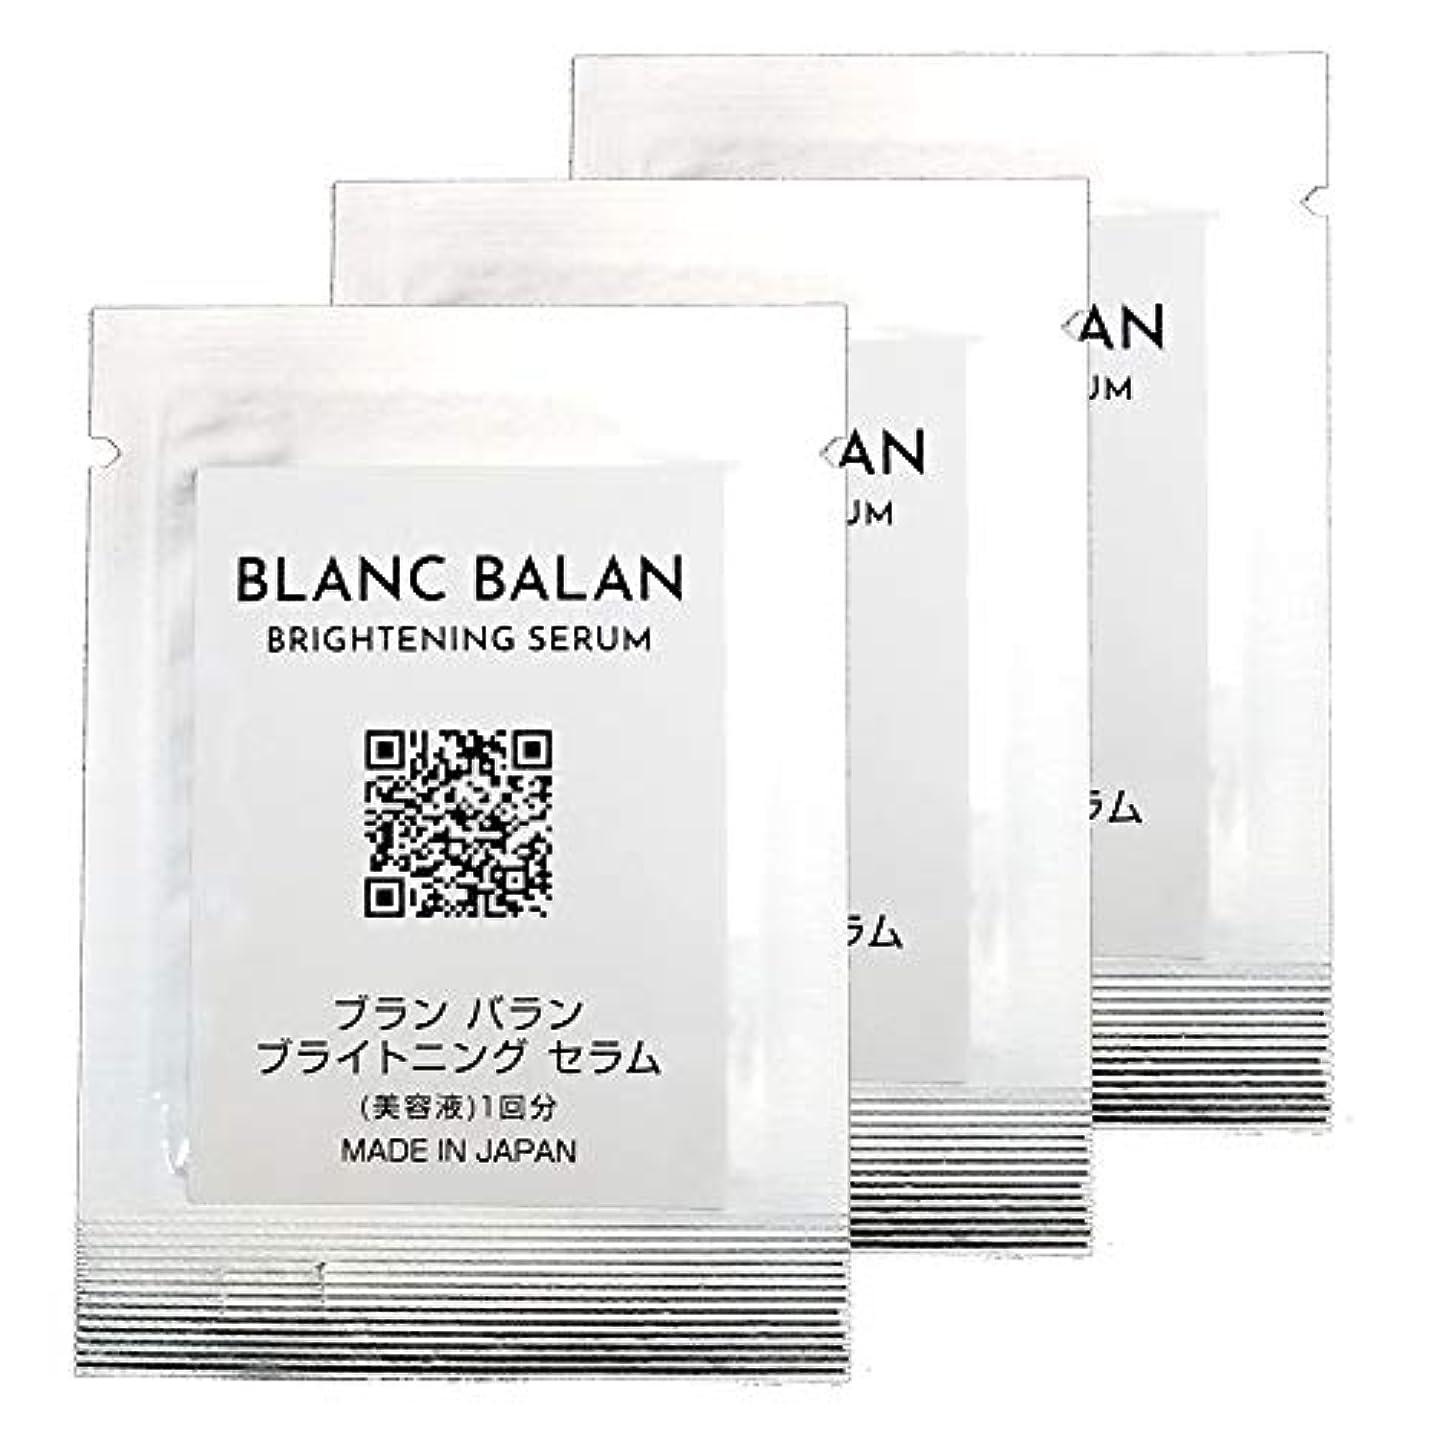 であるずっと降臨イノセンスビューティー BLANC BALAN ブランバラン ブライトニングセラム 美容液 お試しサンプル 3包